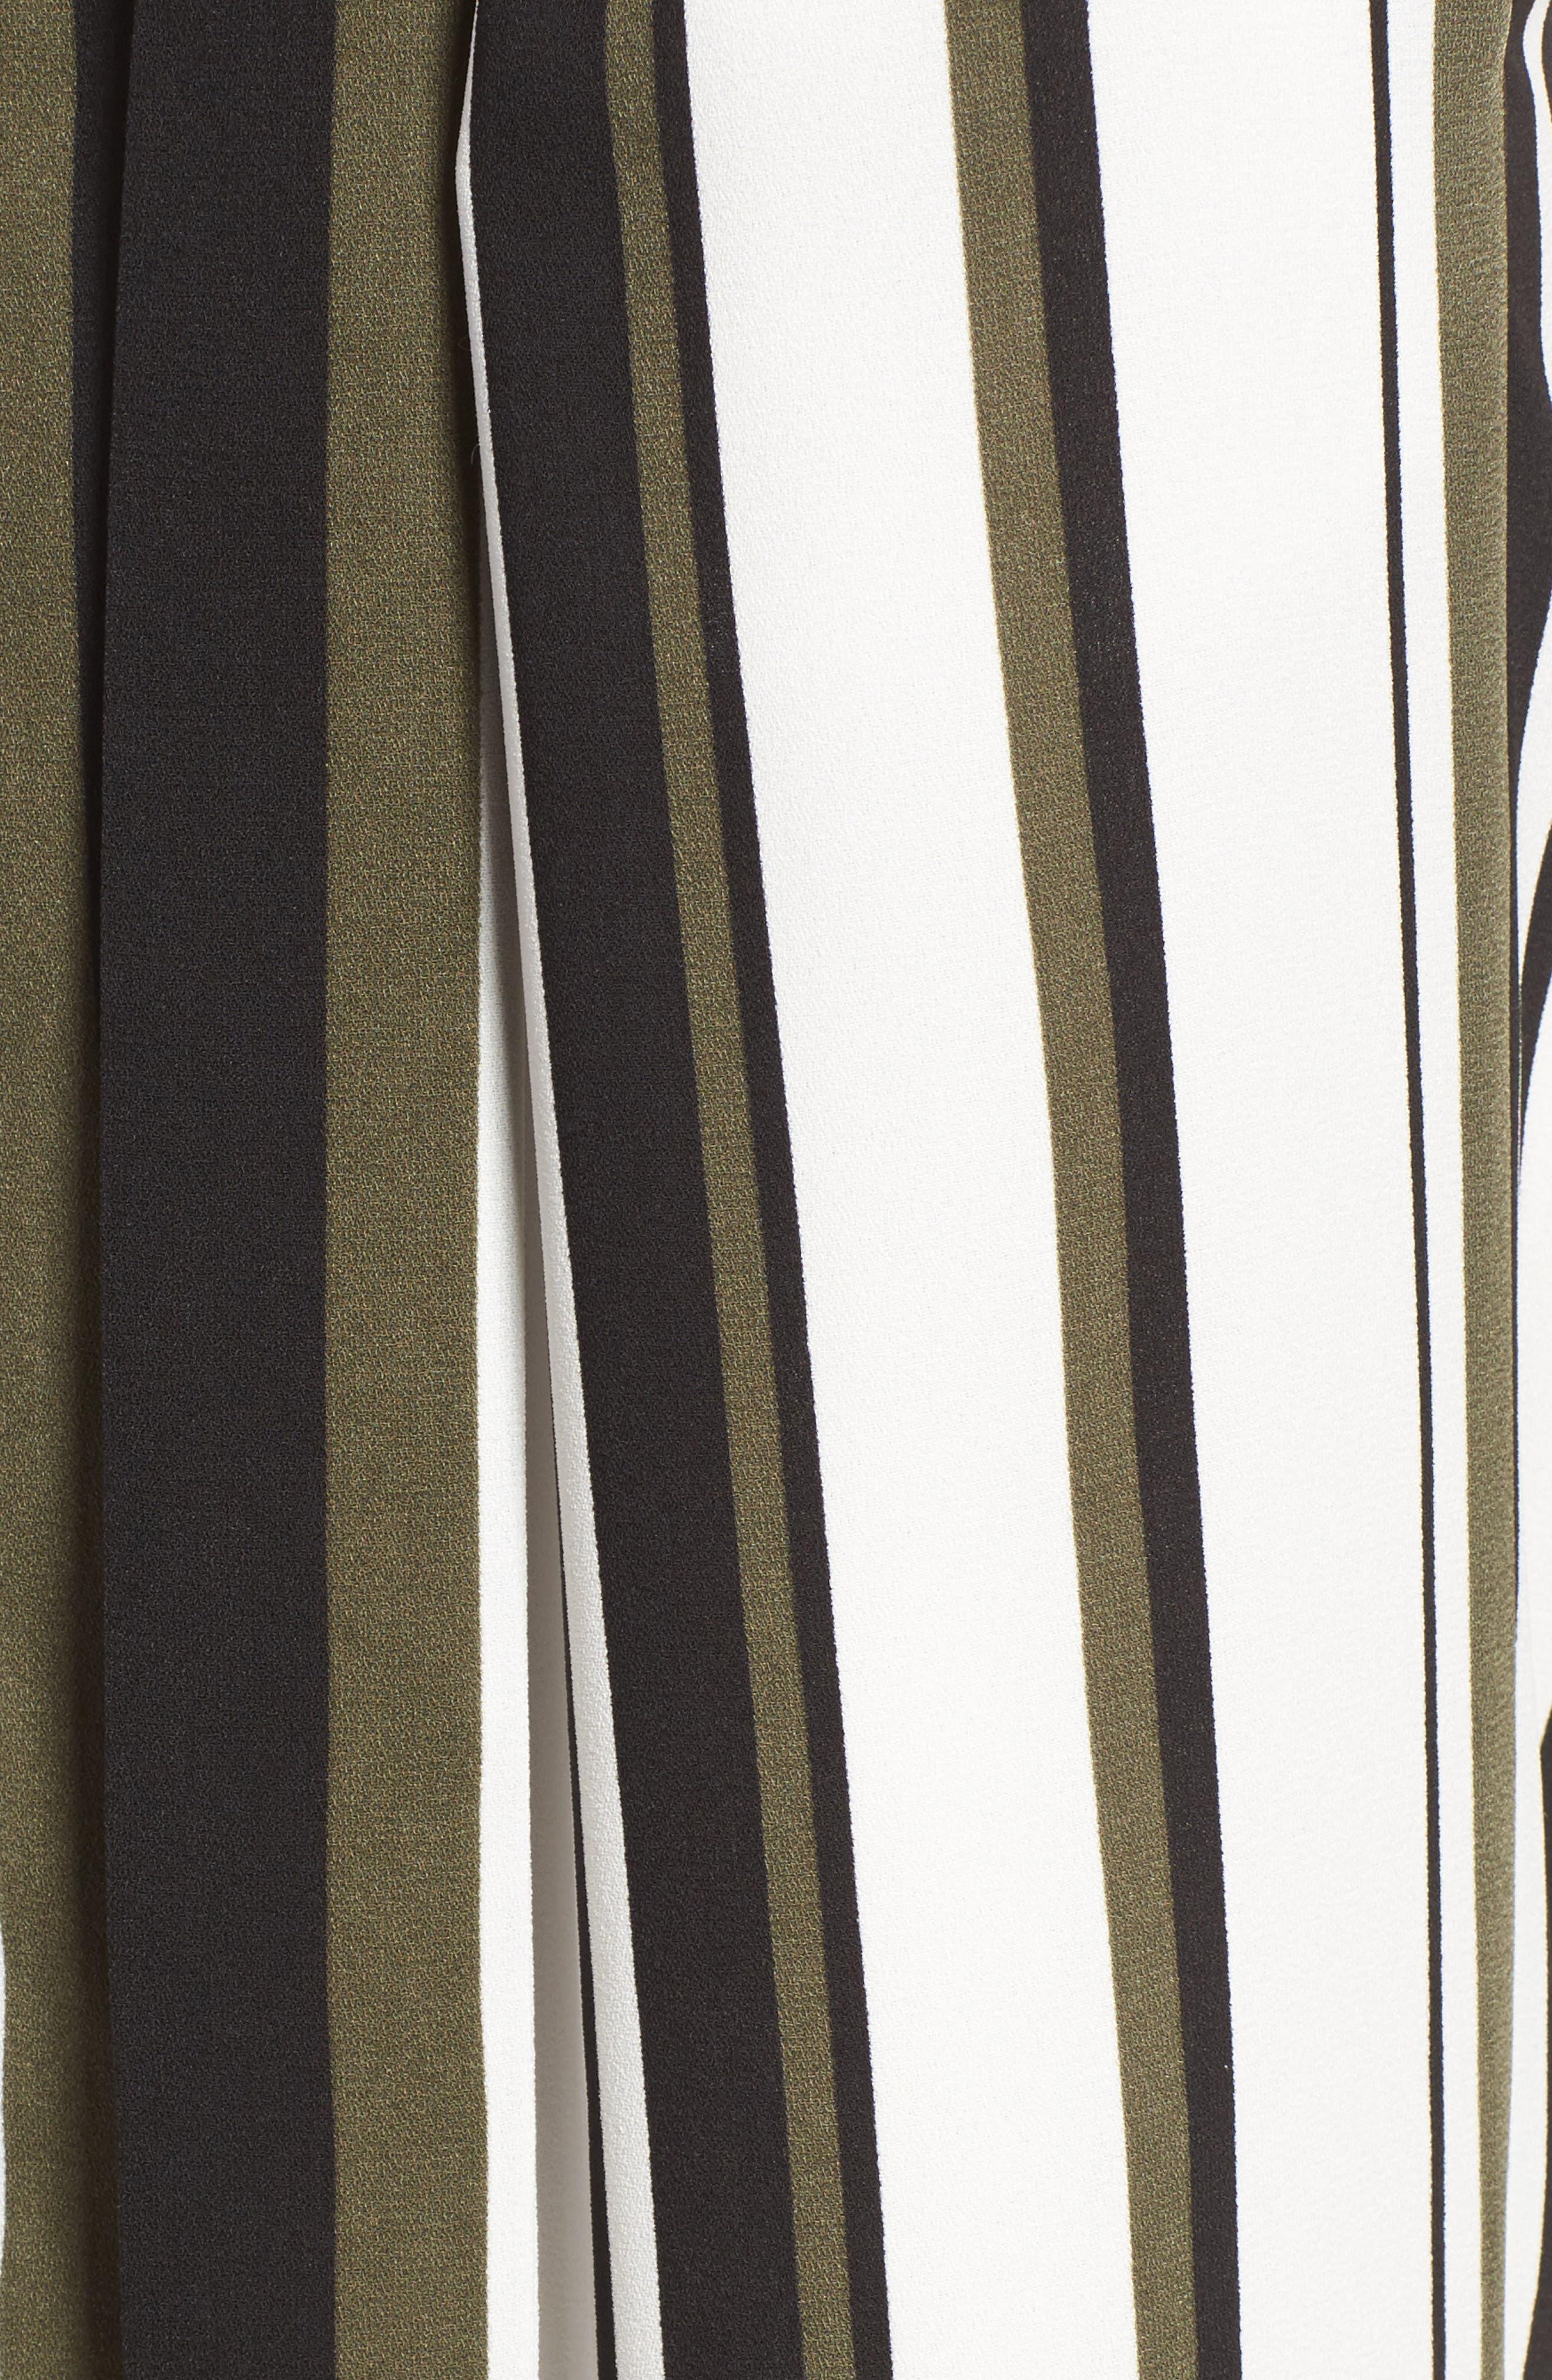 Wide Leg Crop Pants,                             Alternate thumbnail 53, color,